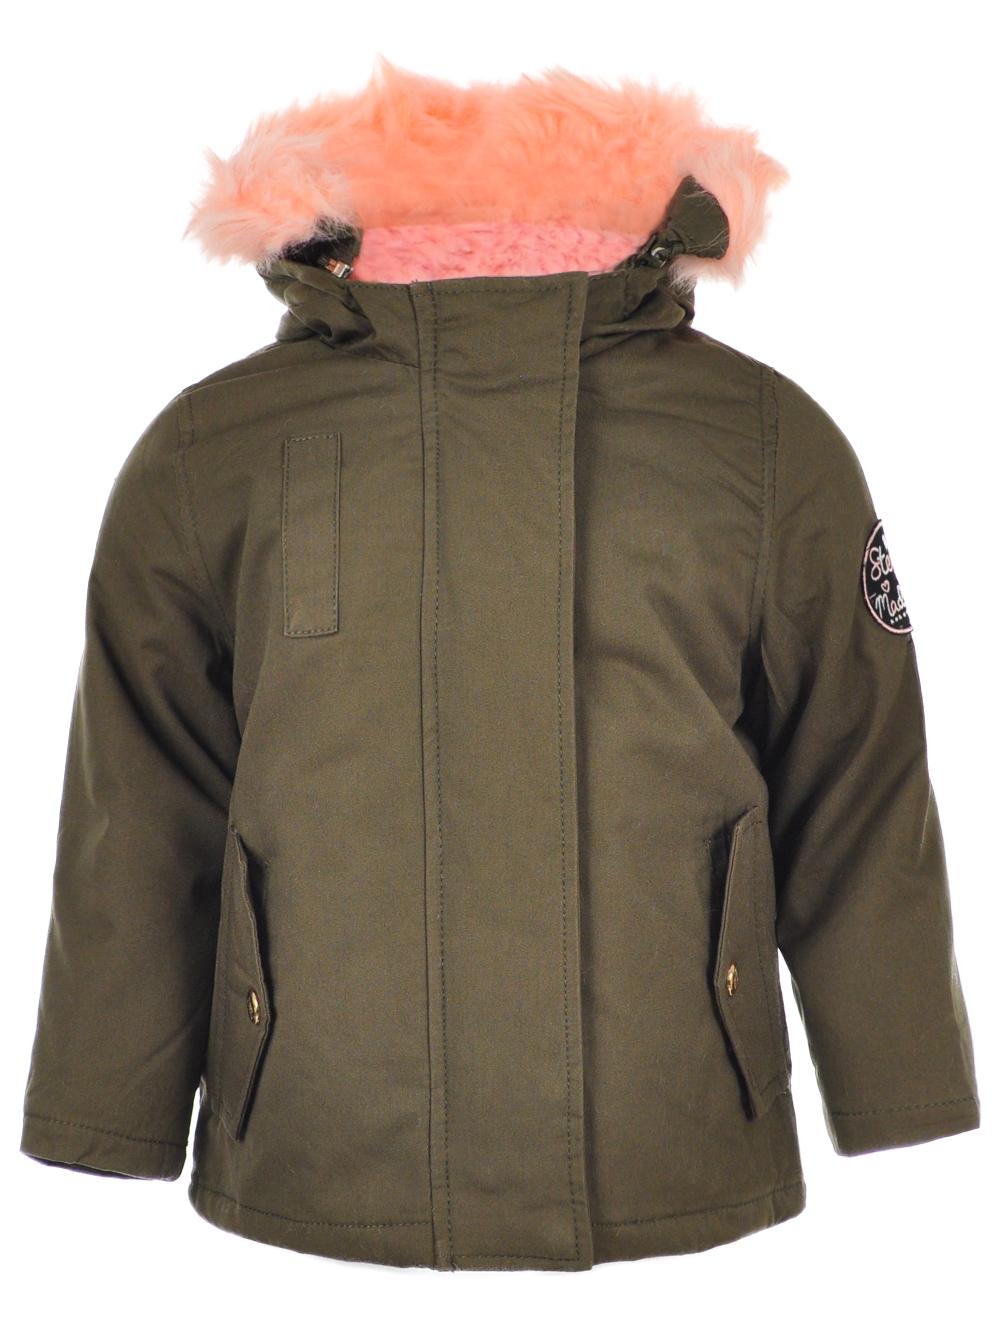 Steve Madden Baby Girls' Jacket